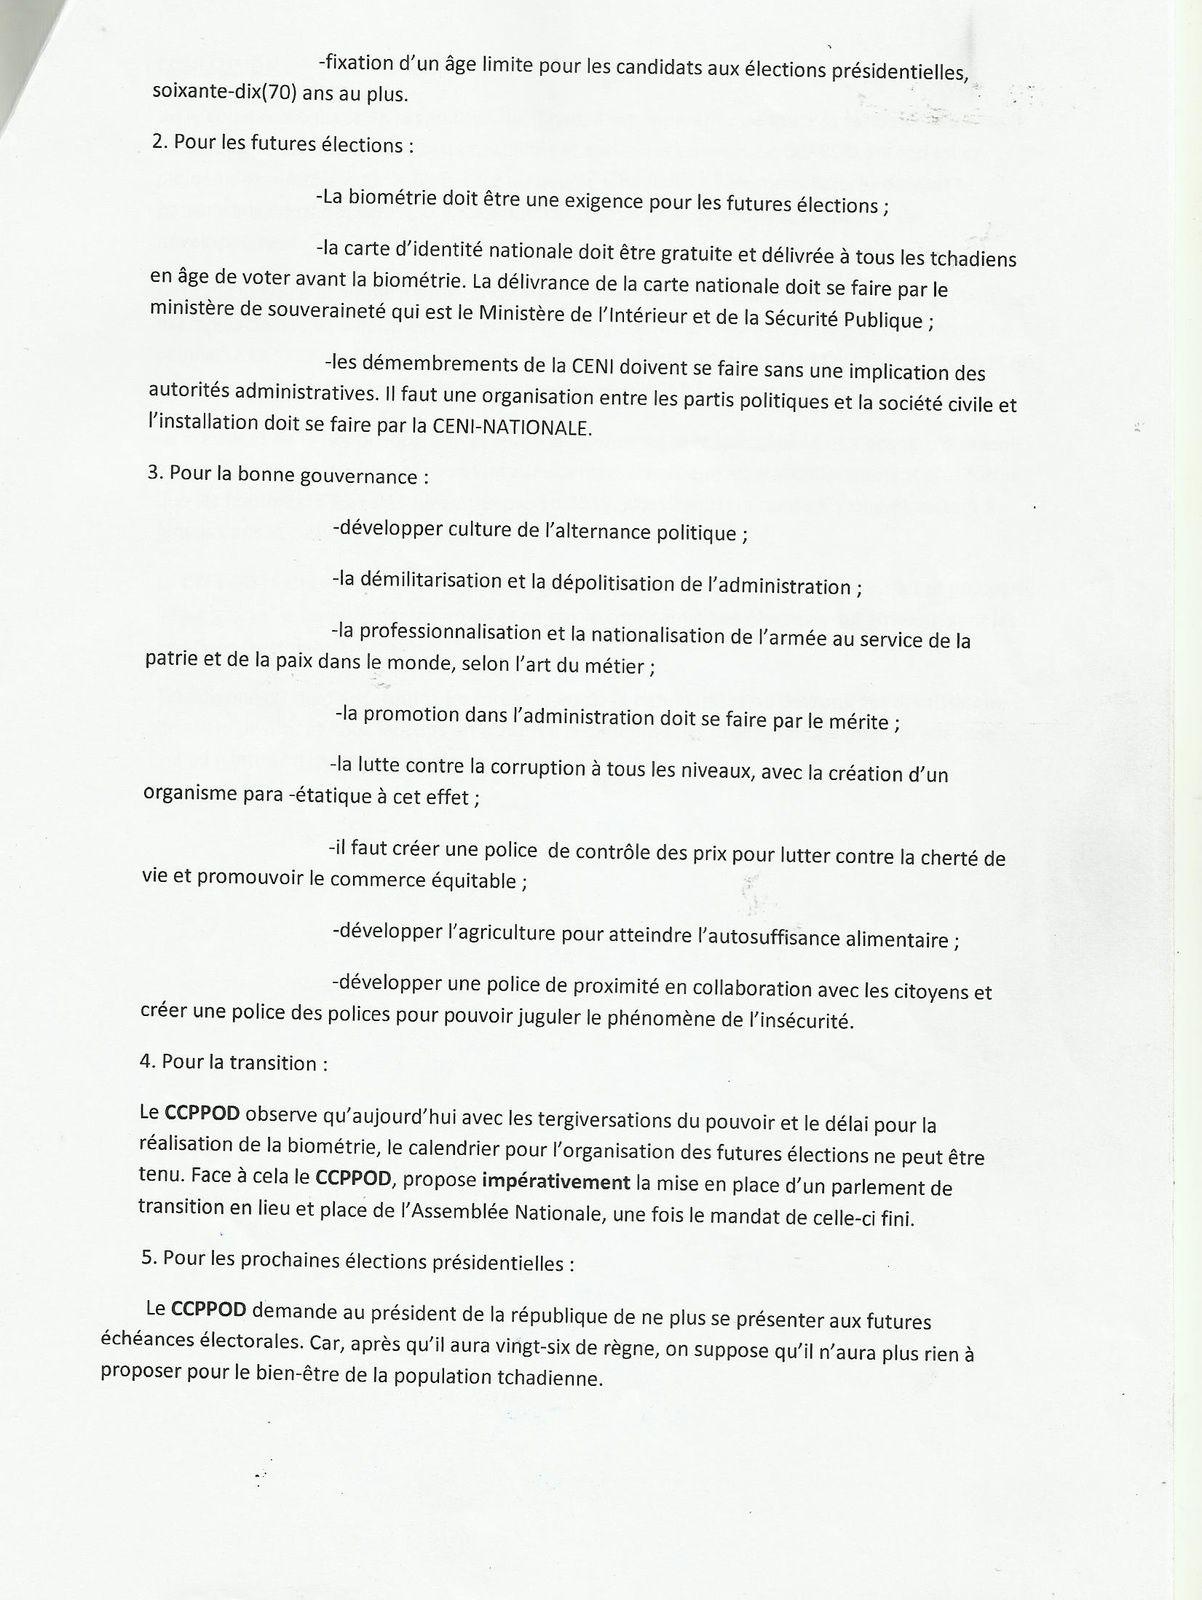 Tchad: le CCPPROD exige la mise en place d'un parlement de transition et la dissolution de l'Assemblée Nationale